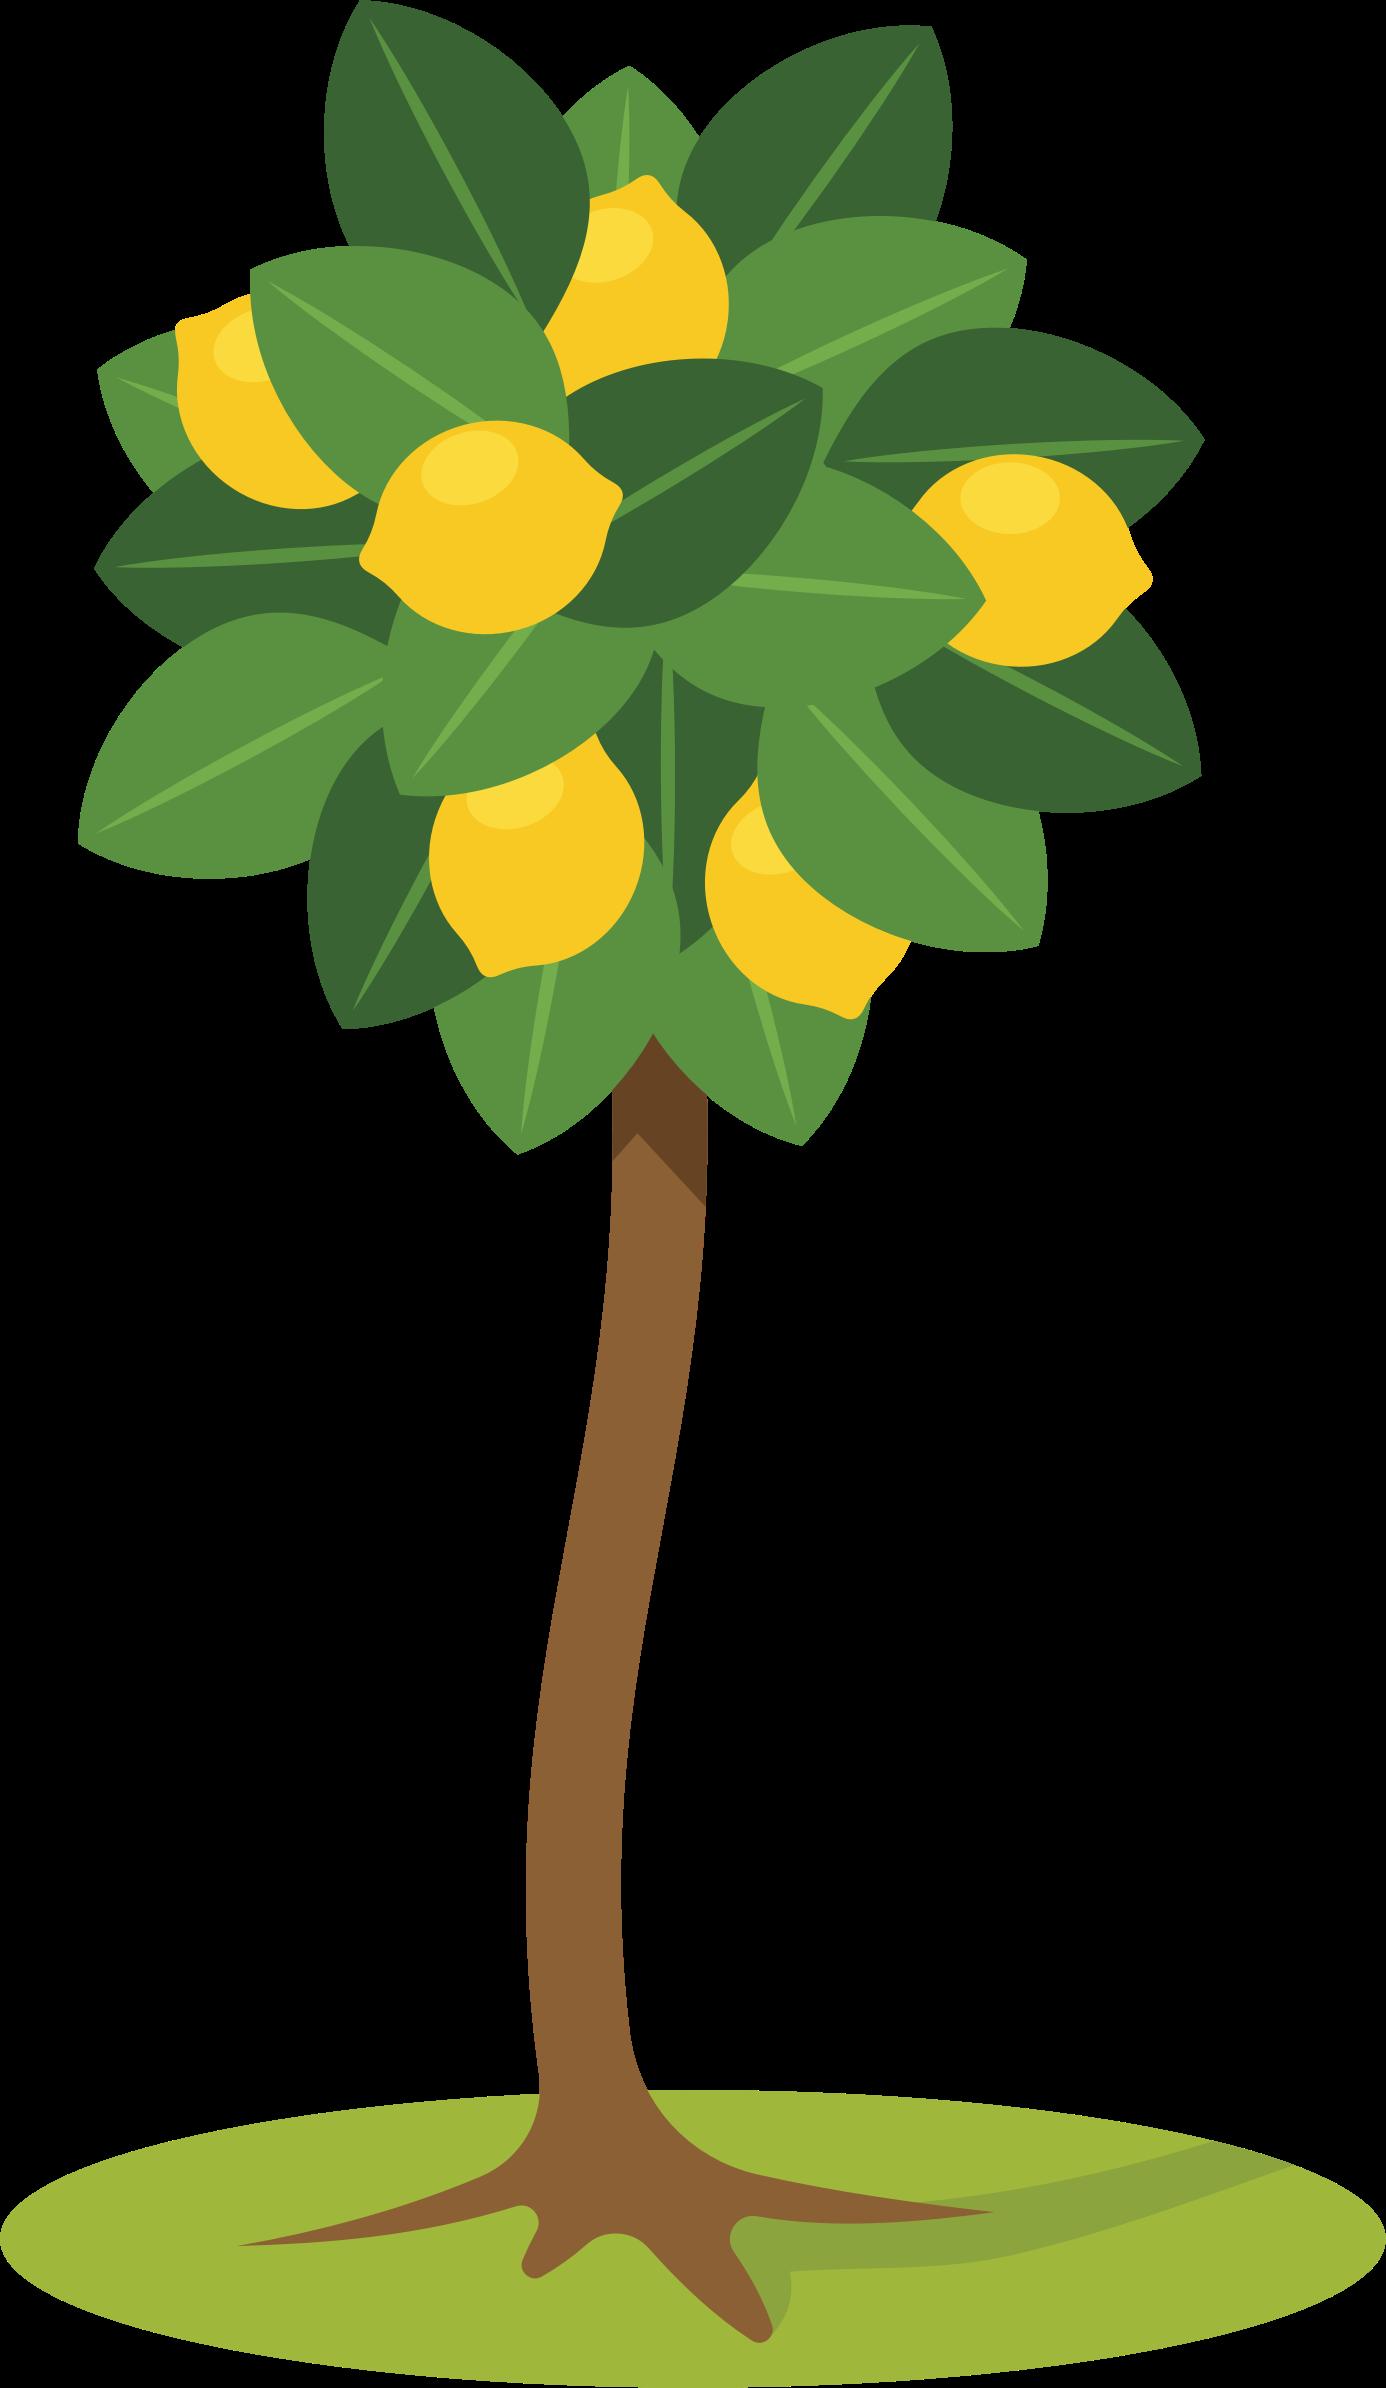 clipart lemon tree tree vector plan tree vector art